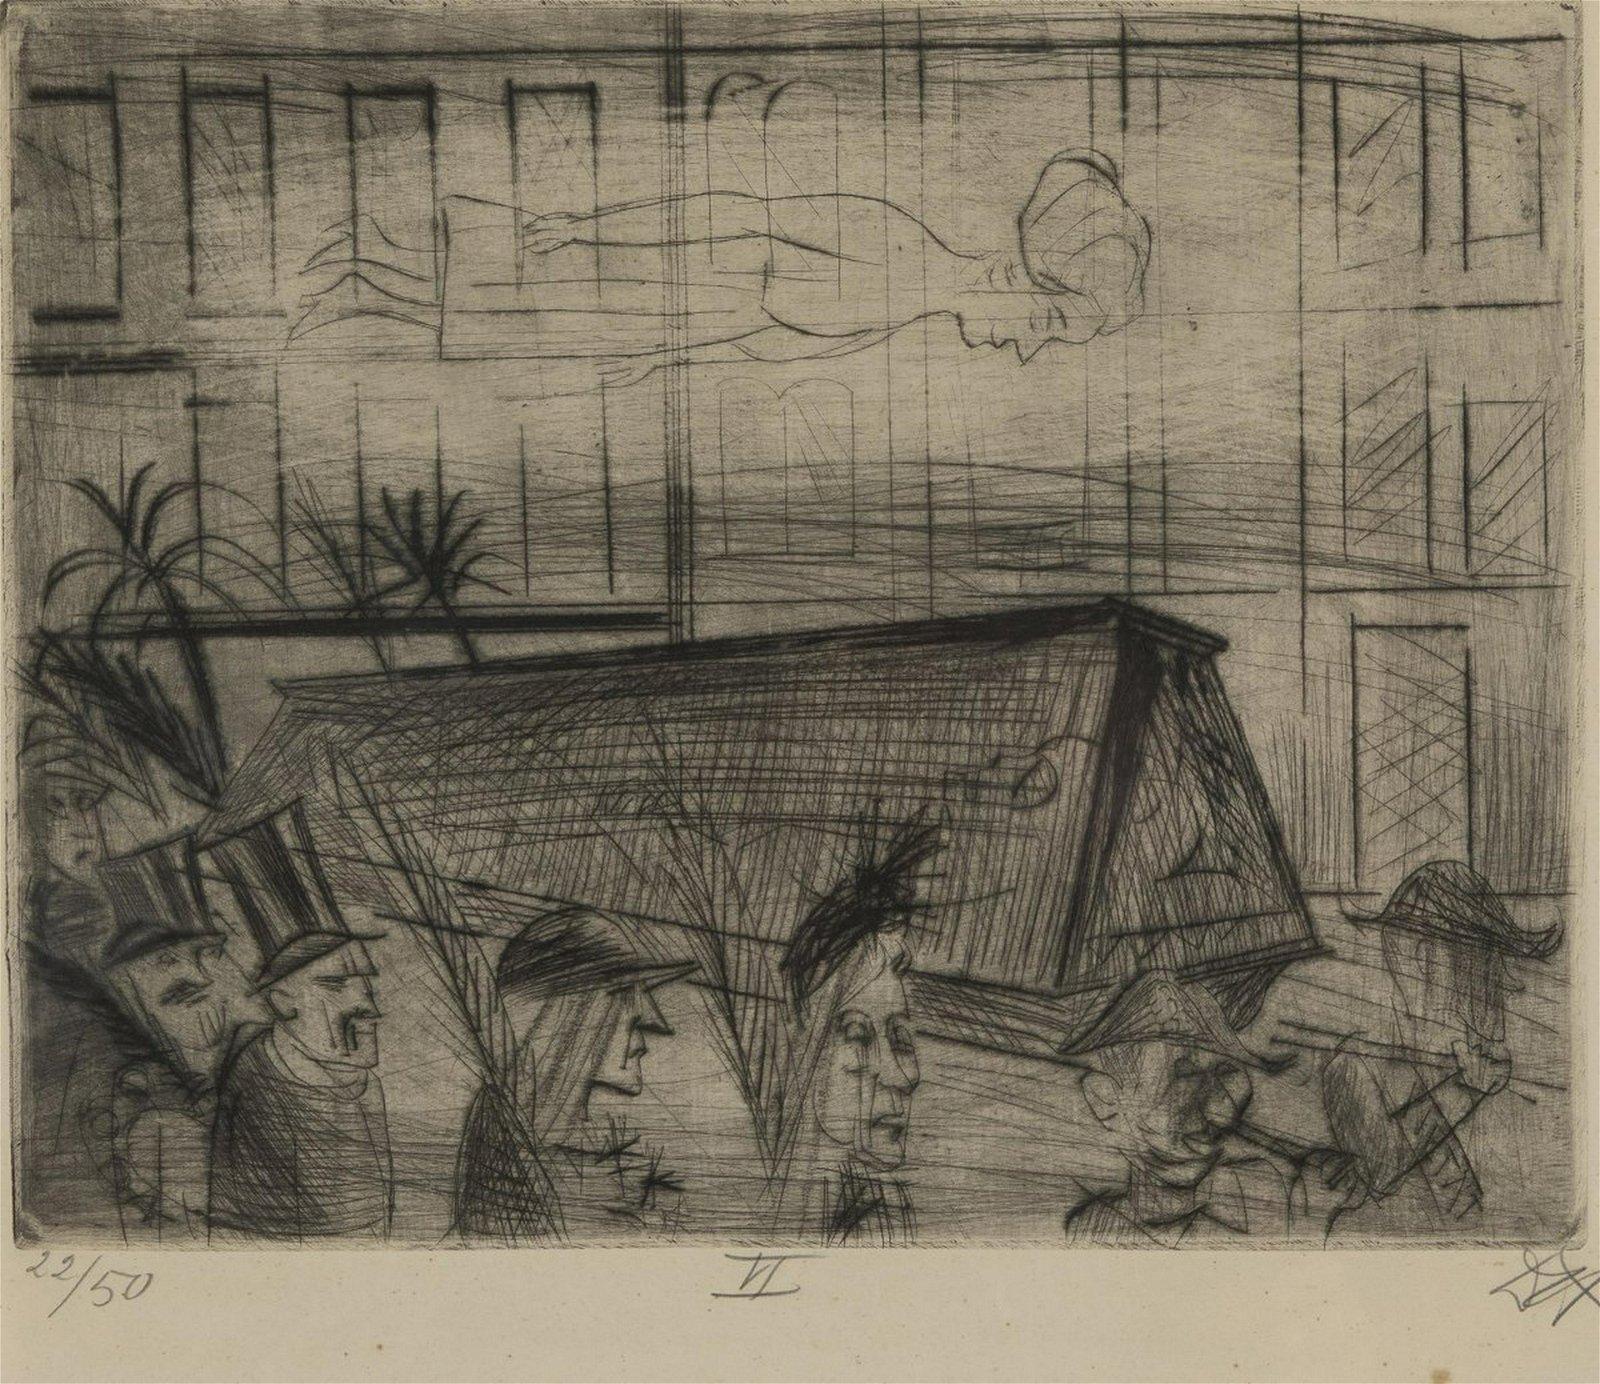 Otto Dix, 'Funeral', 1922